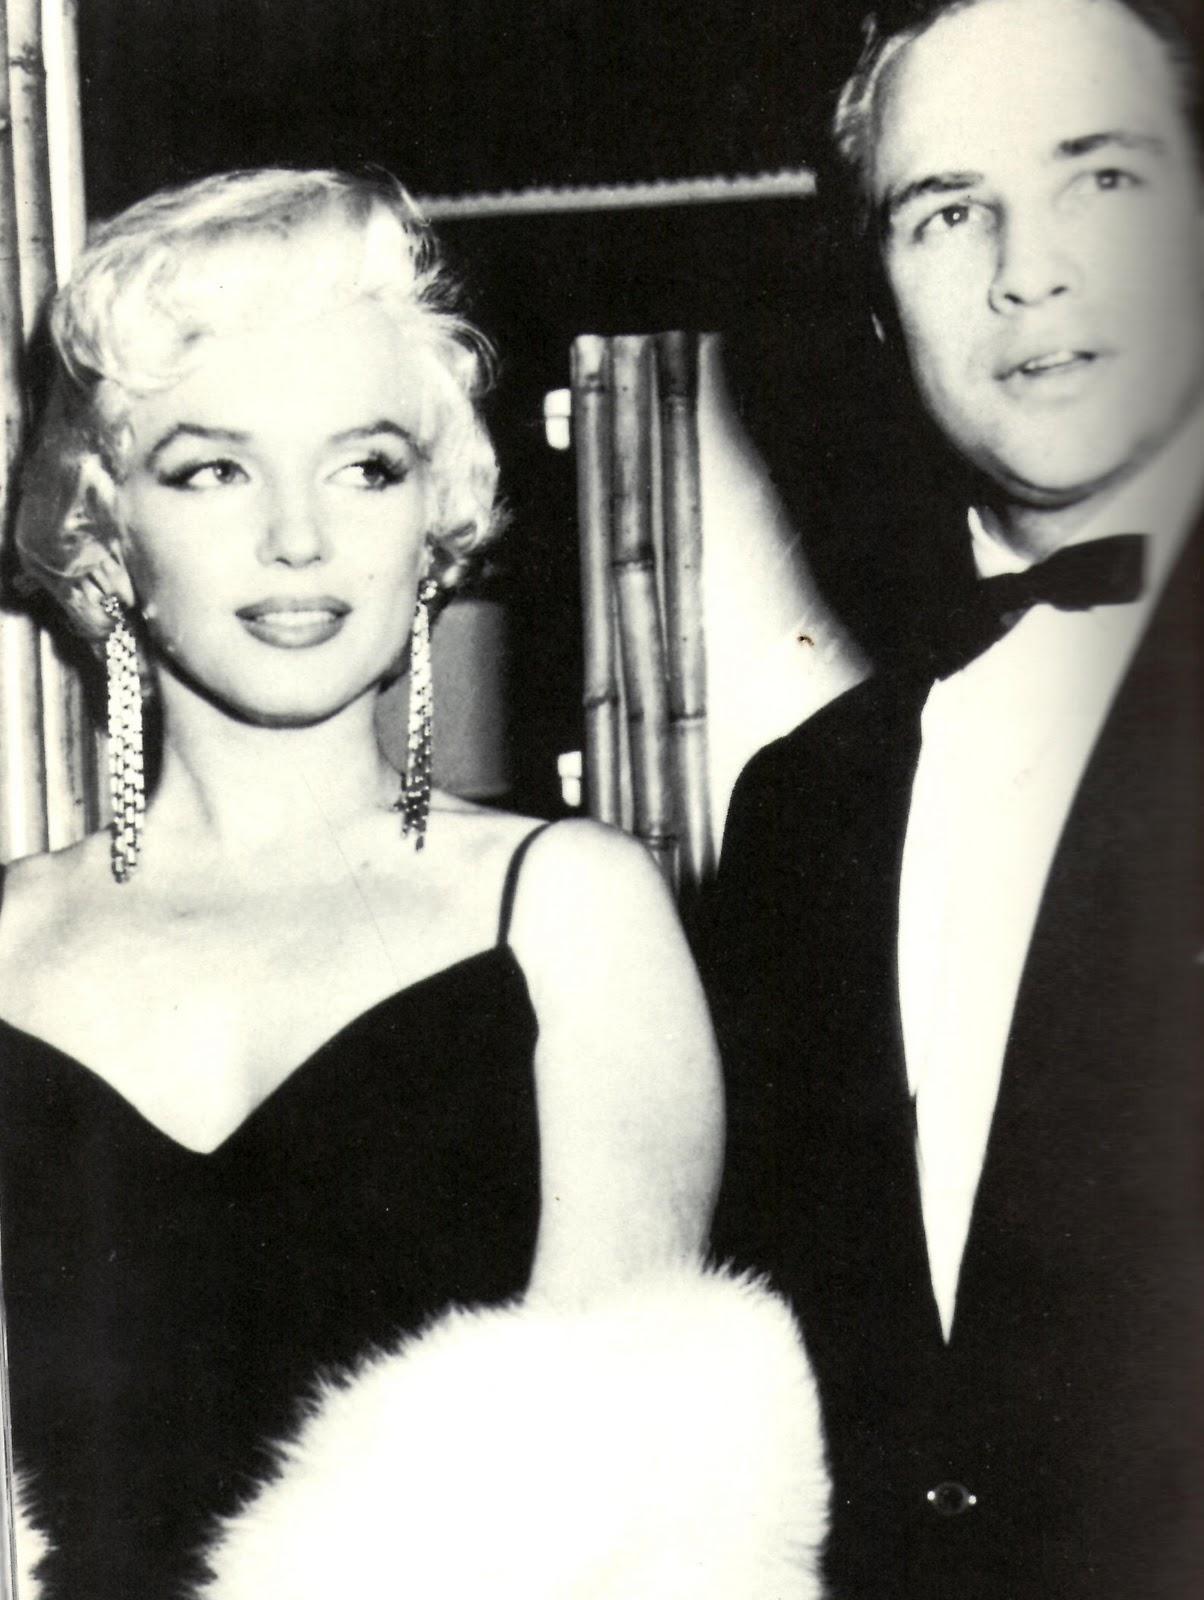 http://3.bp.blogspot.com/_VBWYS49PYAY/TOKEanACQbI/AAAAAAAAAEc/BUyBanYNSfY/s1600/Marilyn+Monroe+and+Marlon+Brando.jpg